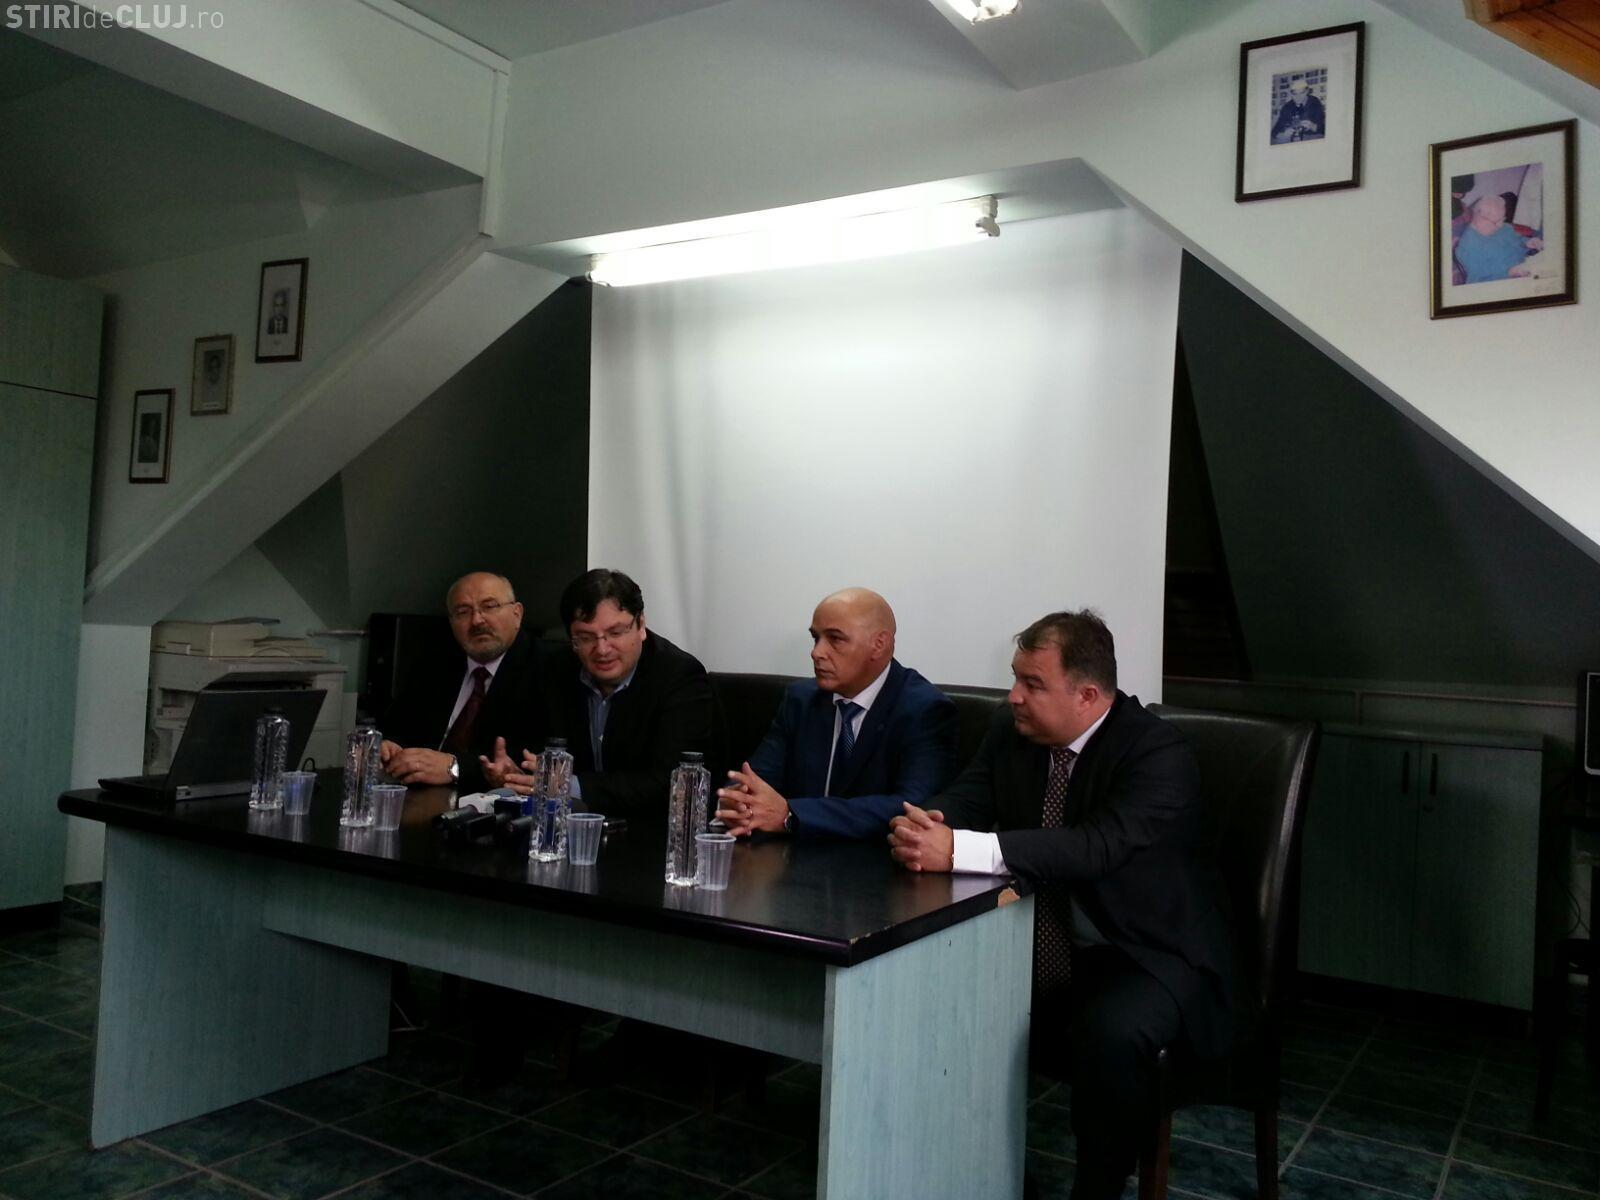 Ministrul Sănătătii, Nicolae Bănicioiu: Spitalul Regional de Urgentă Cluj se va scumpi, dar e gata în 3 ani